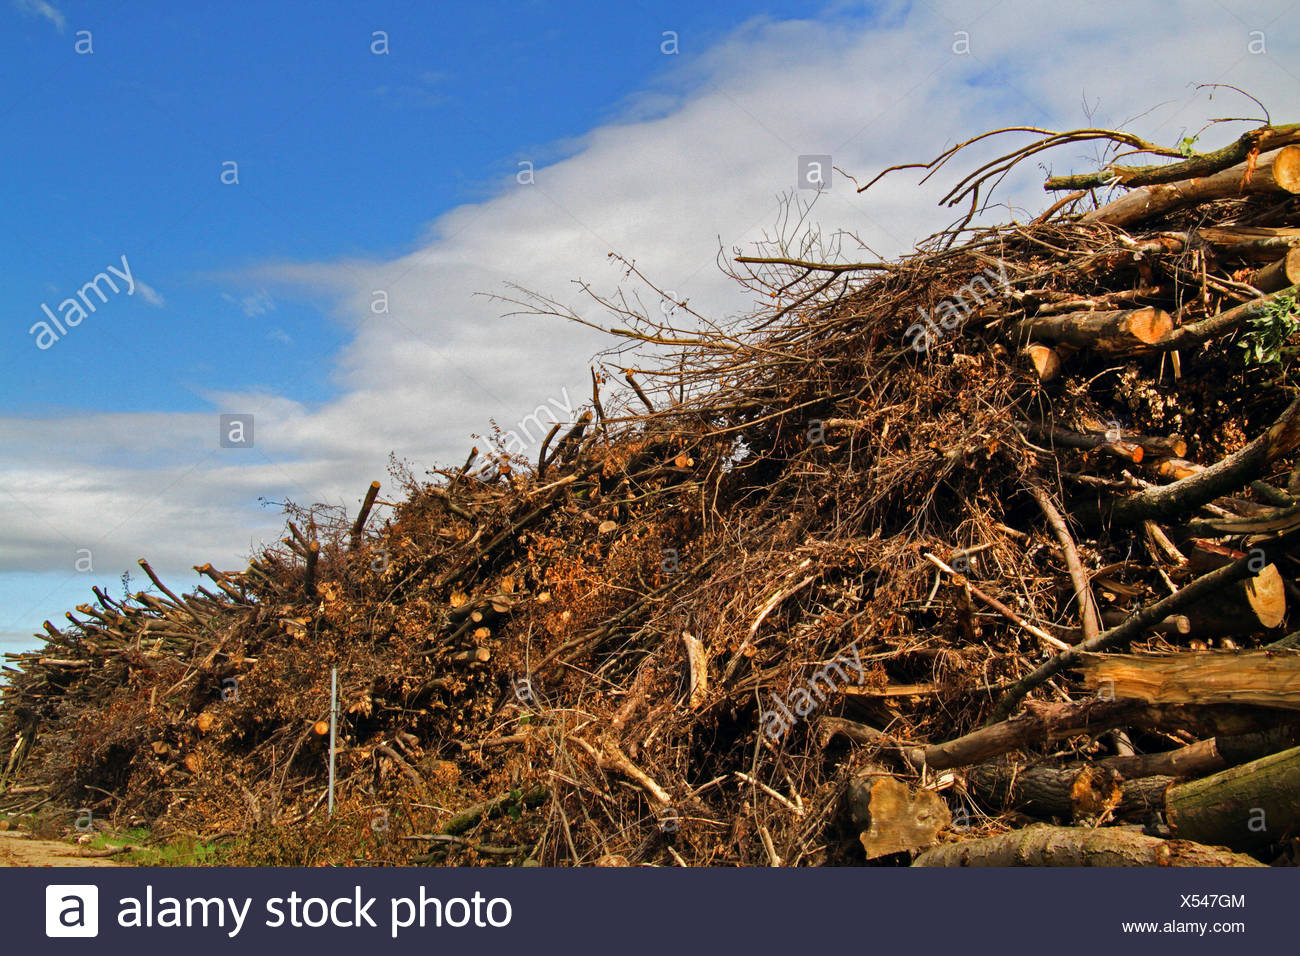 Stoccaggio di legname dopo la deforestazione, Germania Immagini Stock